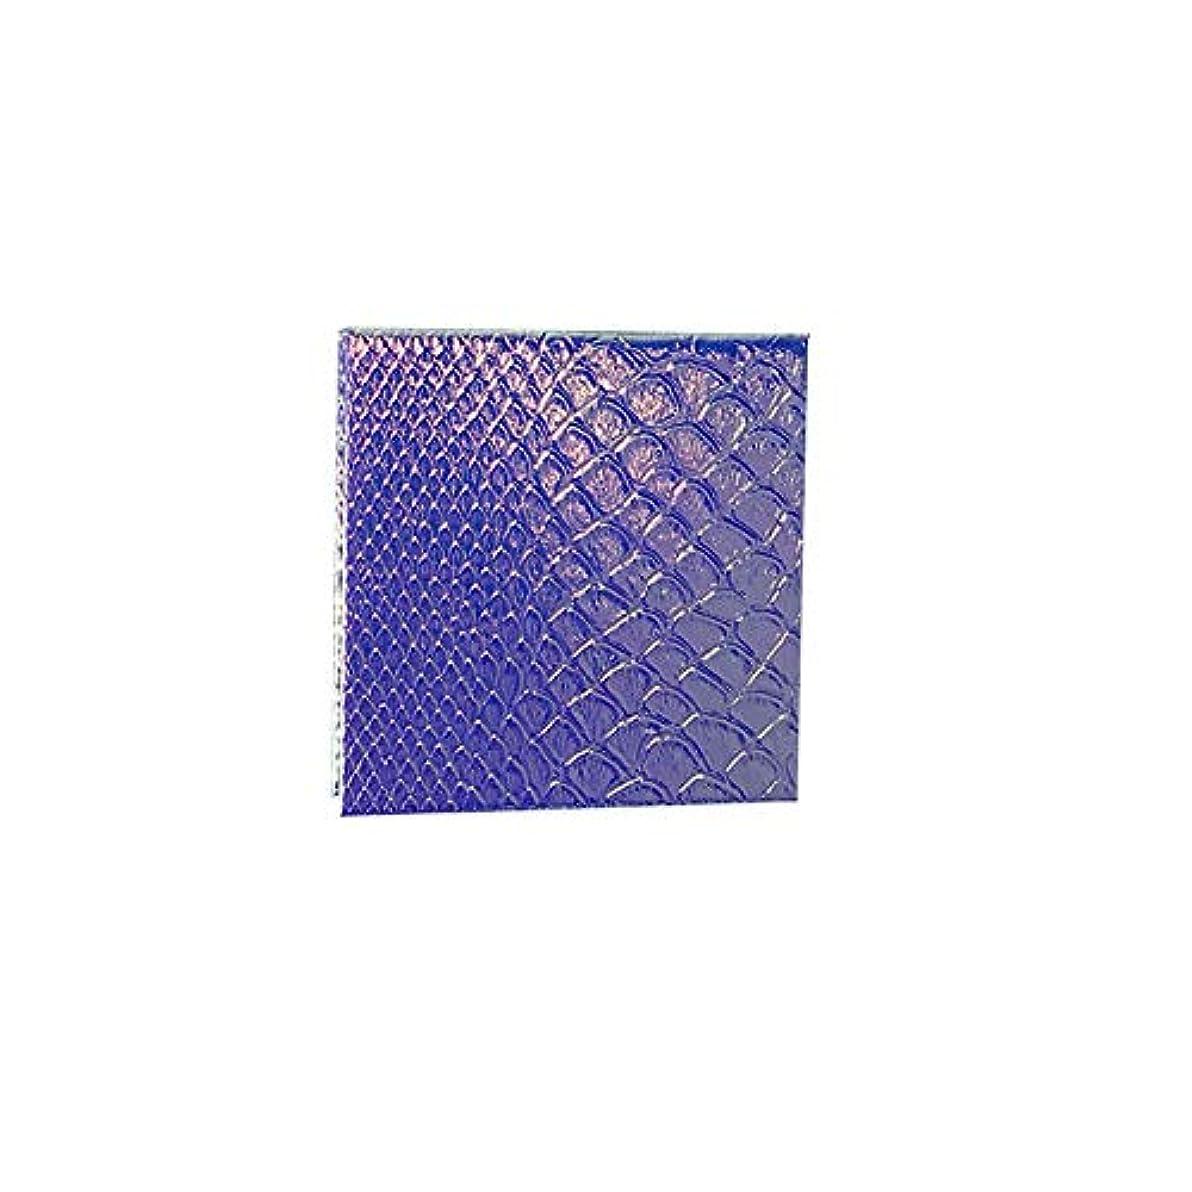 講師友だち鷹空の化粧アイシャドーパレット磁気空パレット接着剤空のパレット金属ステッカー空のパレットキット(S)